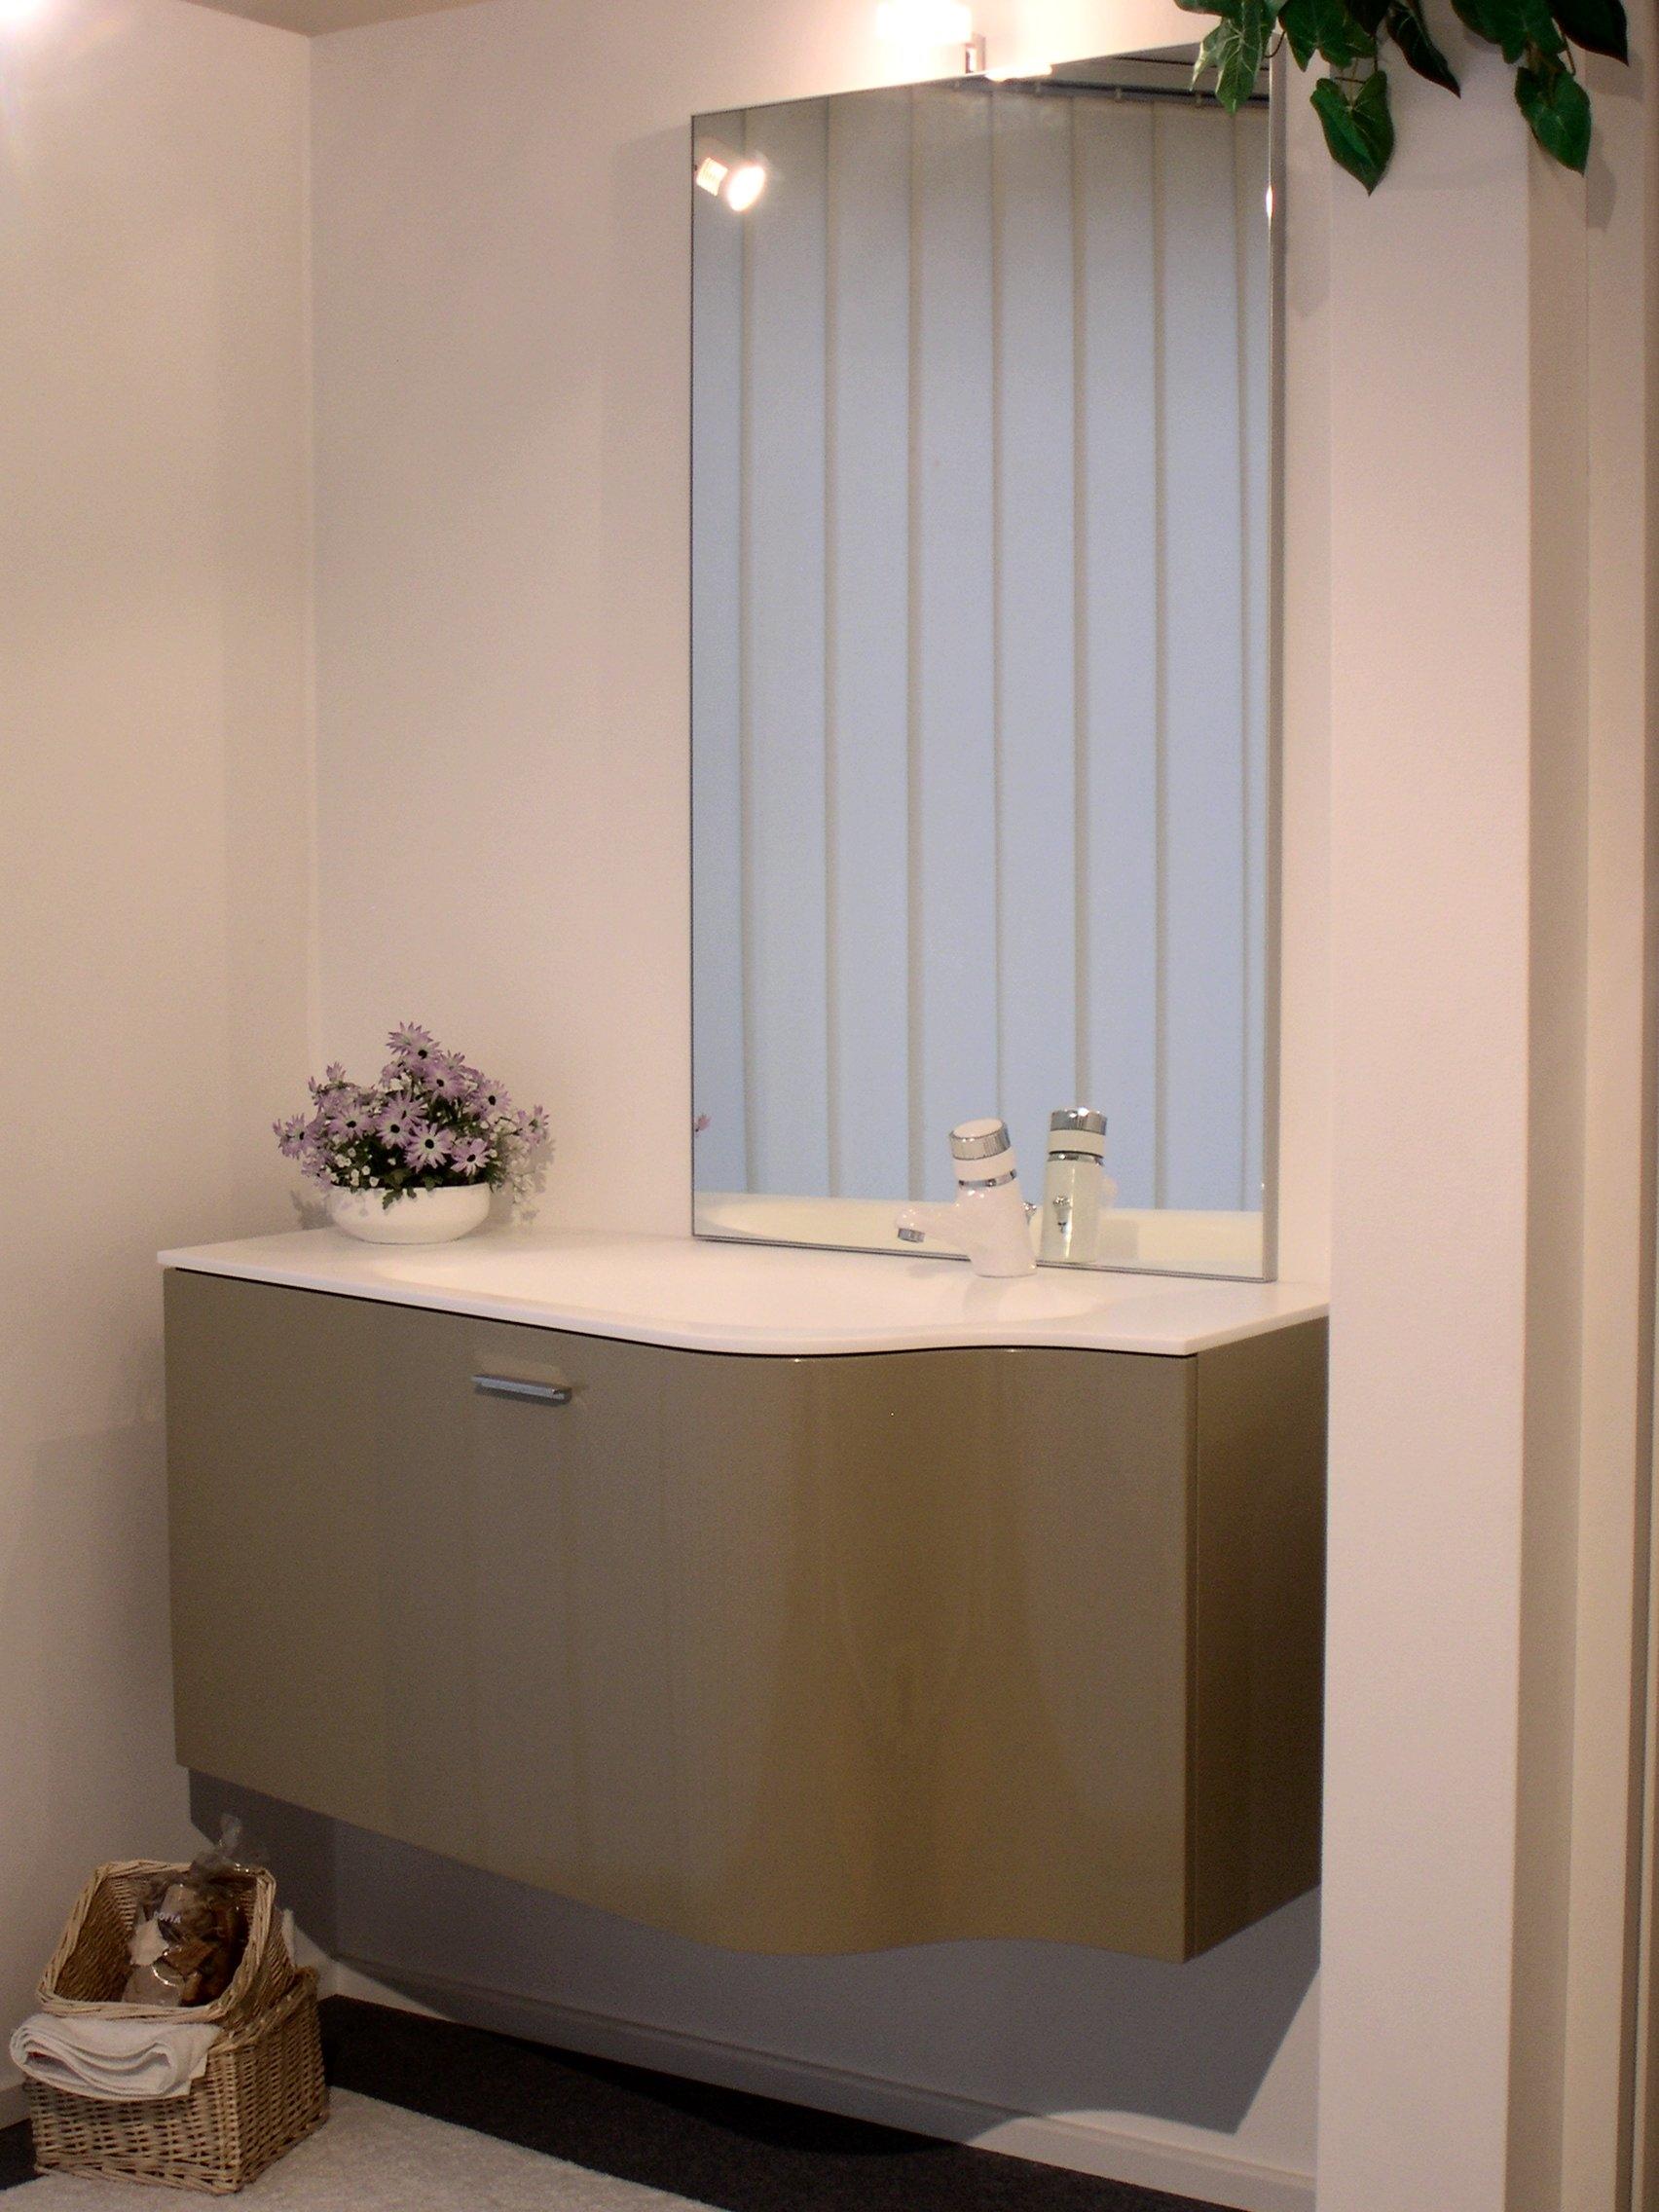 Arredi bagno klass novello design laccato lucido arredo for Design arredo bagno